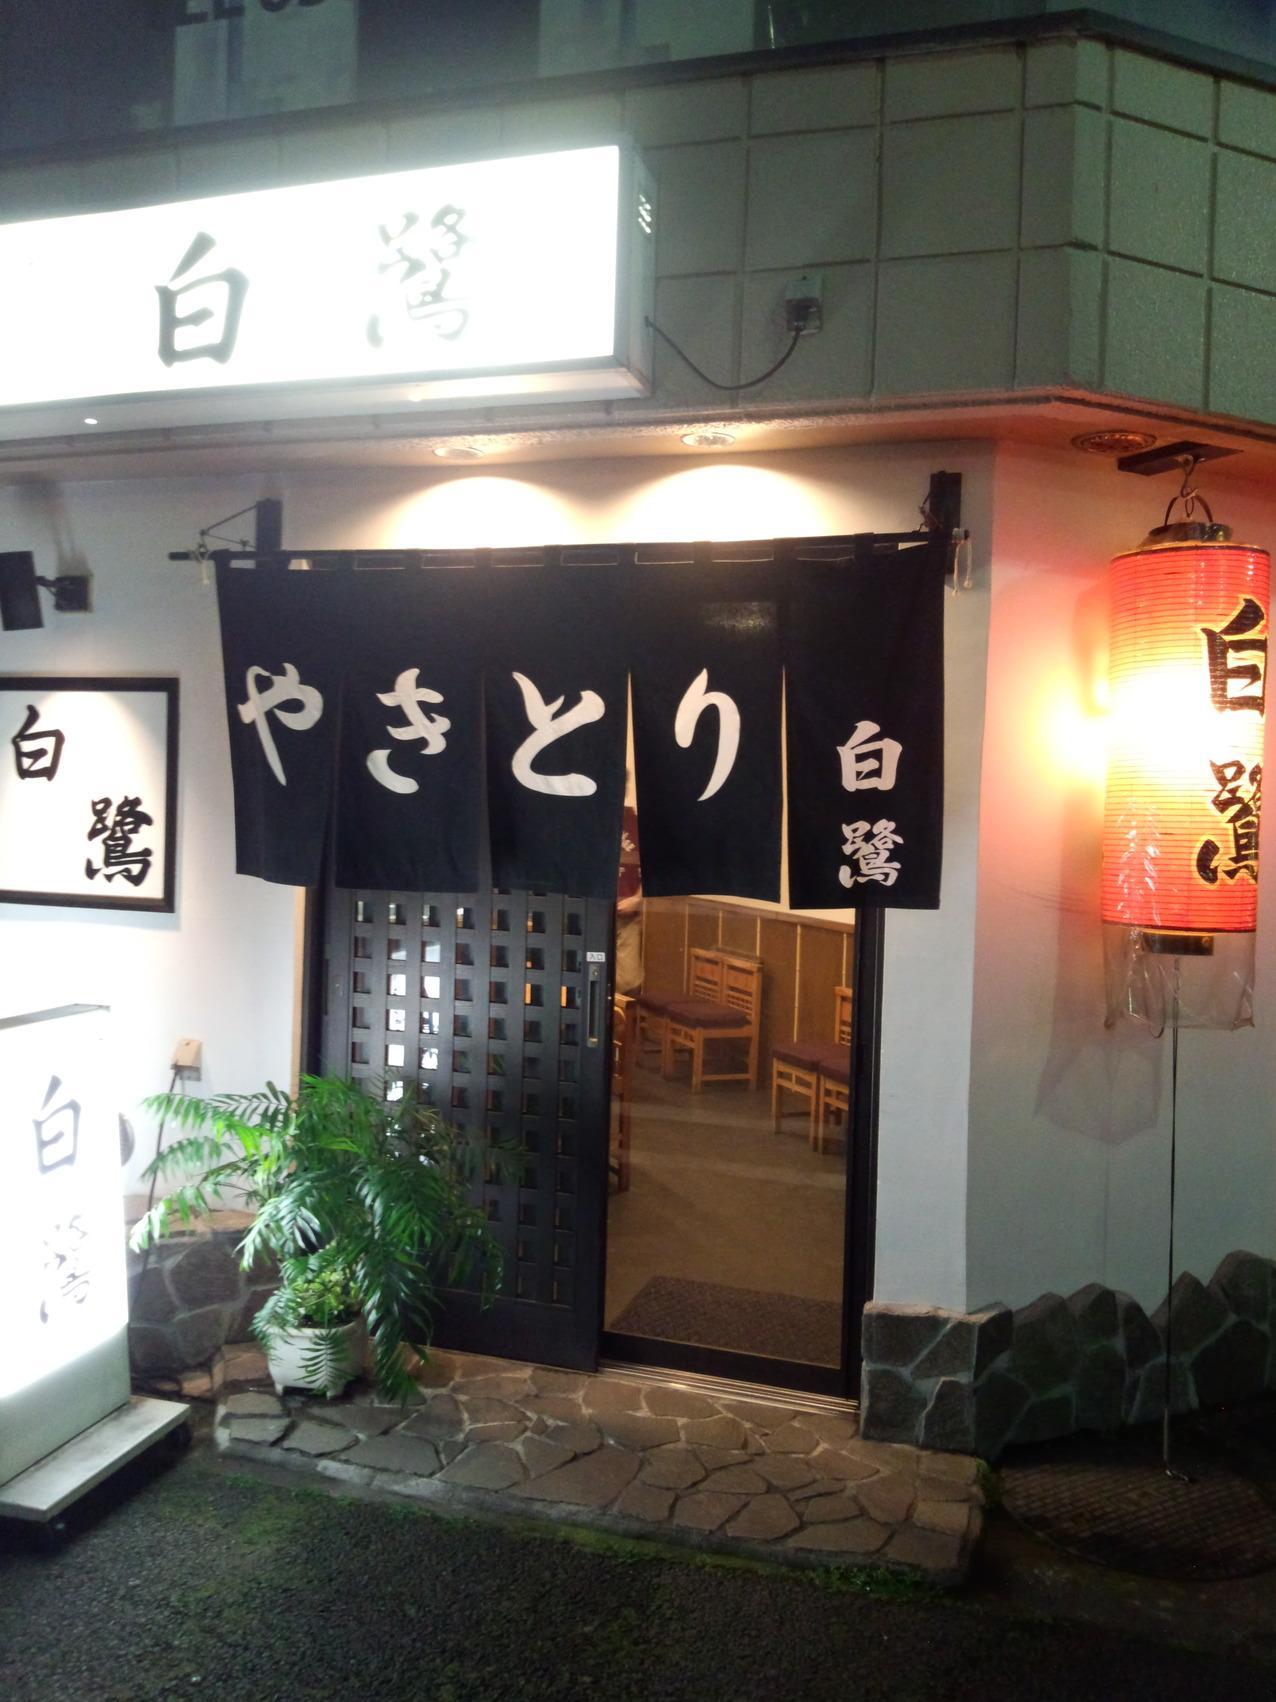 白鷺 name=